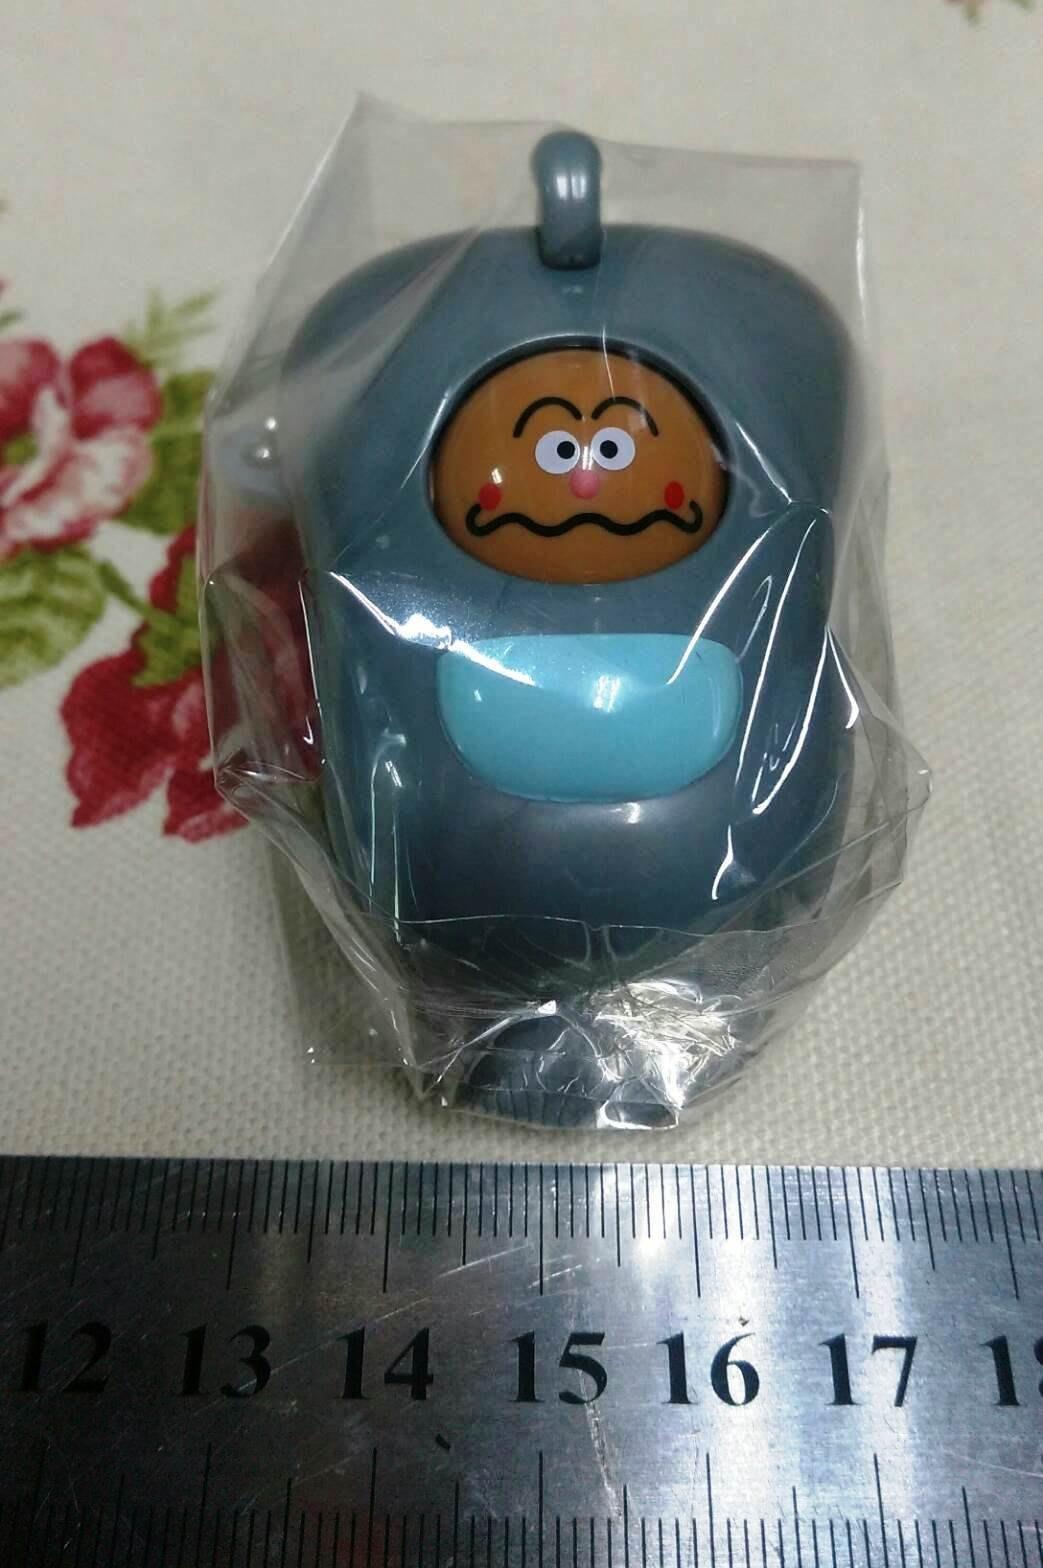 龍廬-自藏出清~ BAN DAI轉蛋 紅豆麵包超人 角色 咖哩超人玩具車吊飾  包包掛件 吊飾 自用送人均可唷/只有一個